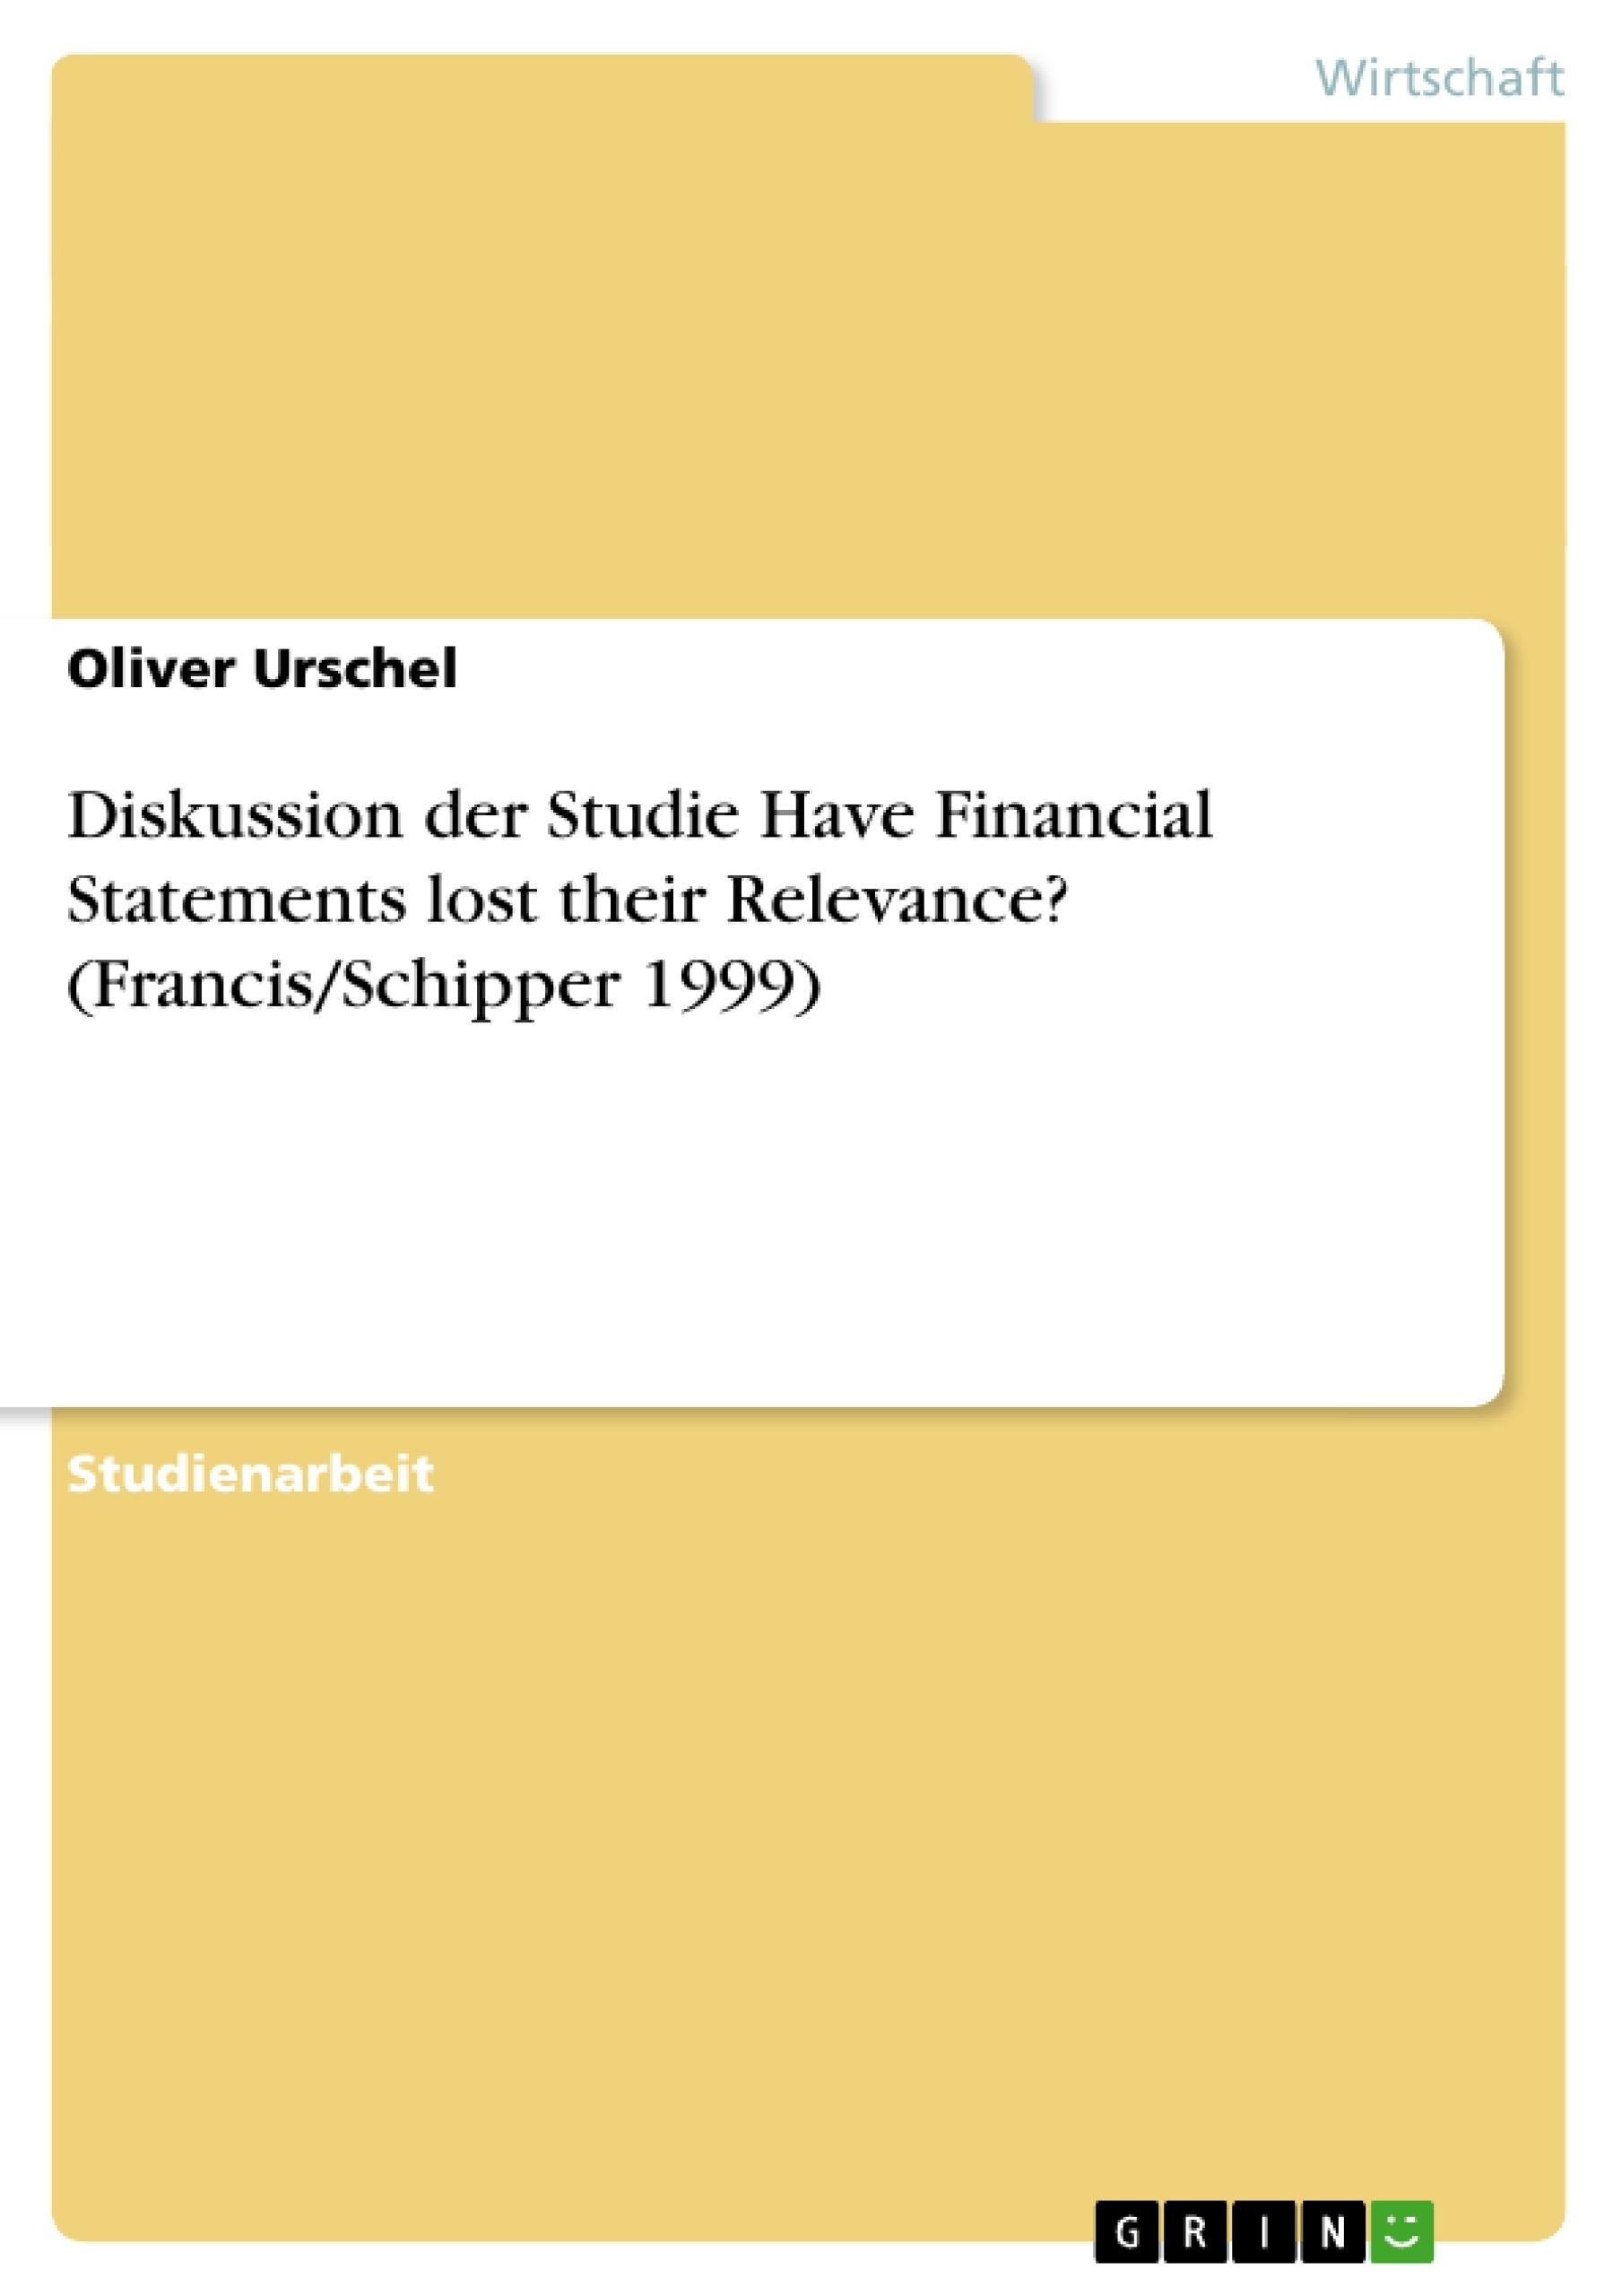 Titel: Diskussion der Studie Have Financial Statements lost their Relevance? (Francis/Schipper 1999)